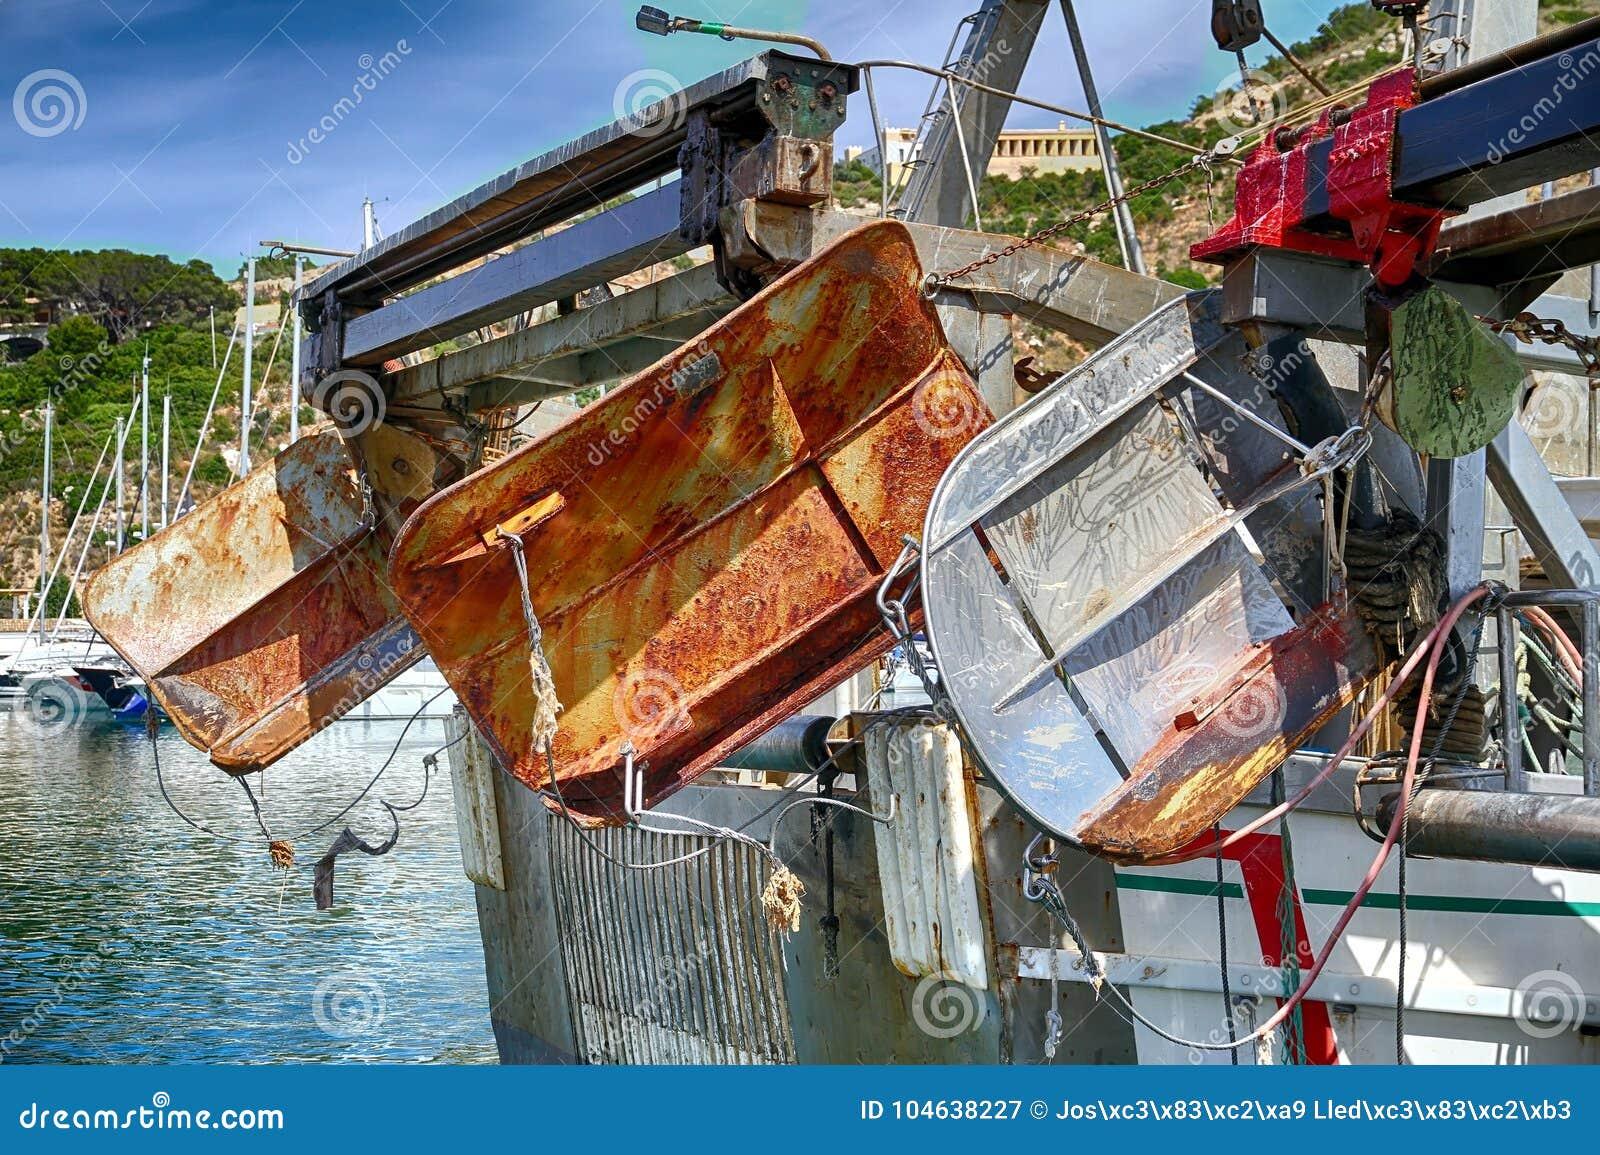 Download Details Van Ijzerdeuren In Een Treiler Vissersboot In Calpe Wordt Gedokt Die Stock Afbeelding - Afbeelding bestaande uit boot, marine: 104638227